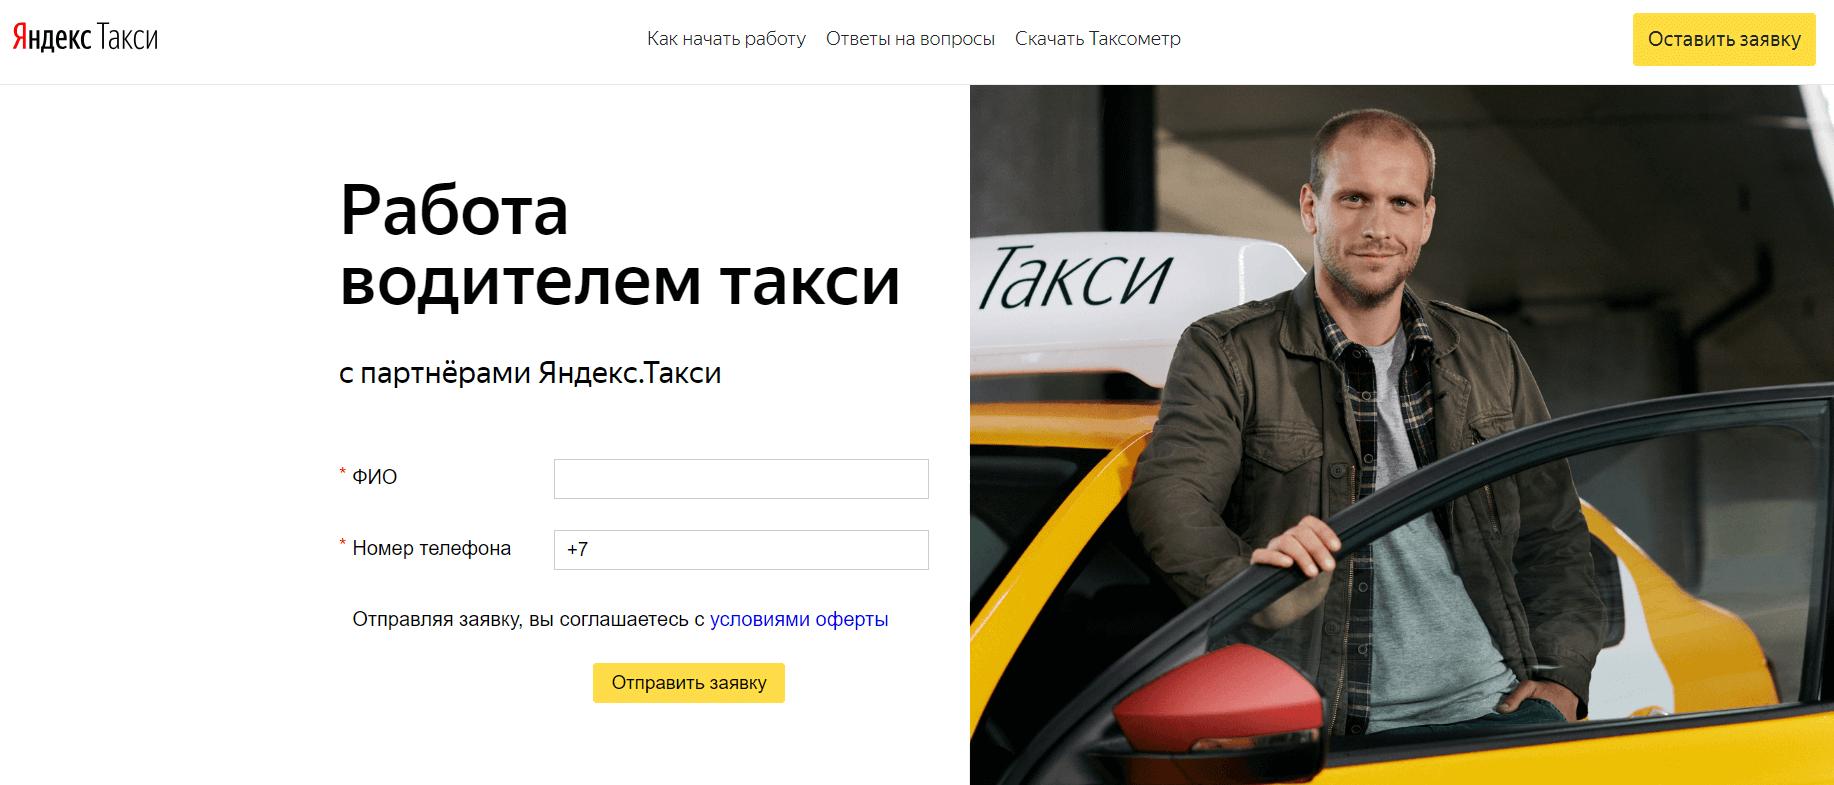 Онлайн заявка на работу водителем5c5b5142d76a6